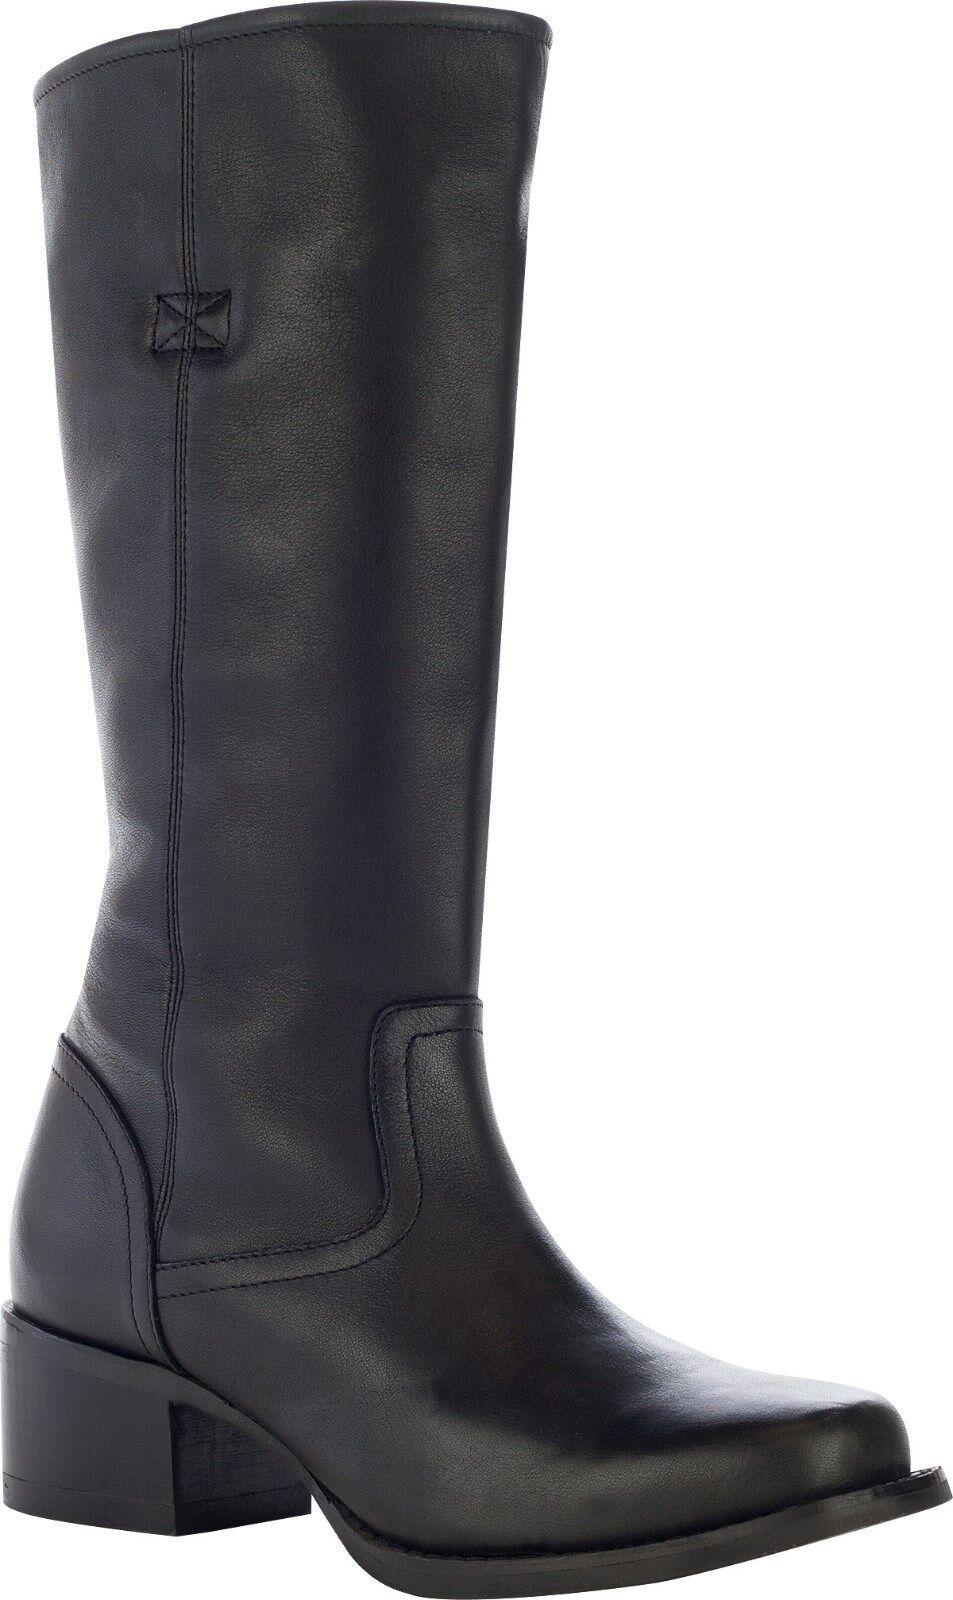 Durango Durango Durango City Women's Charlotte Zipper Boot RD4530 6c5daf